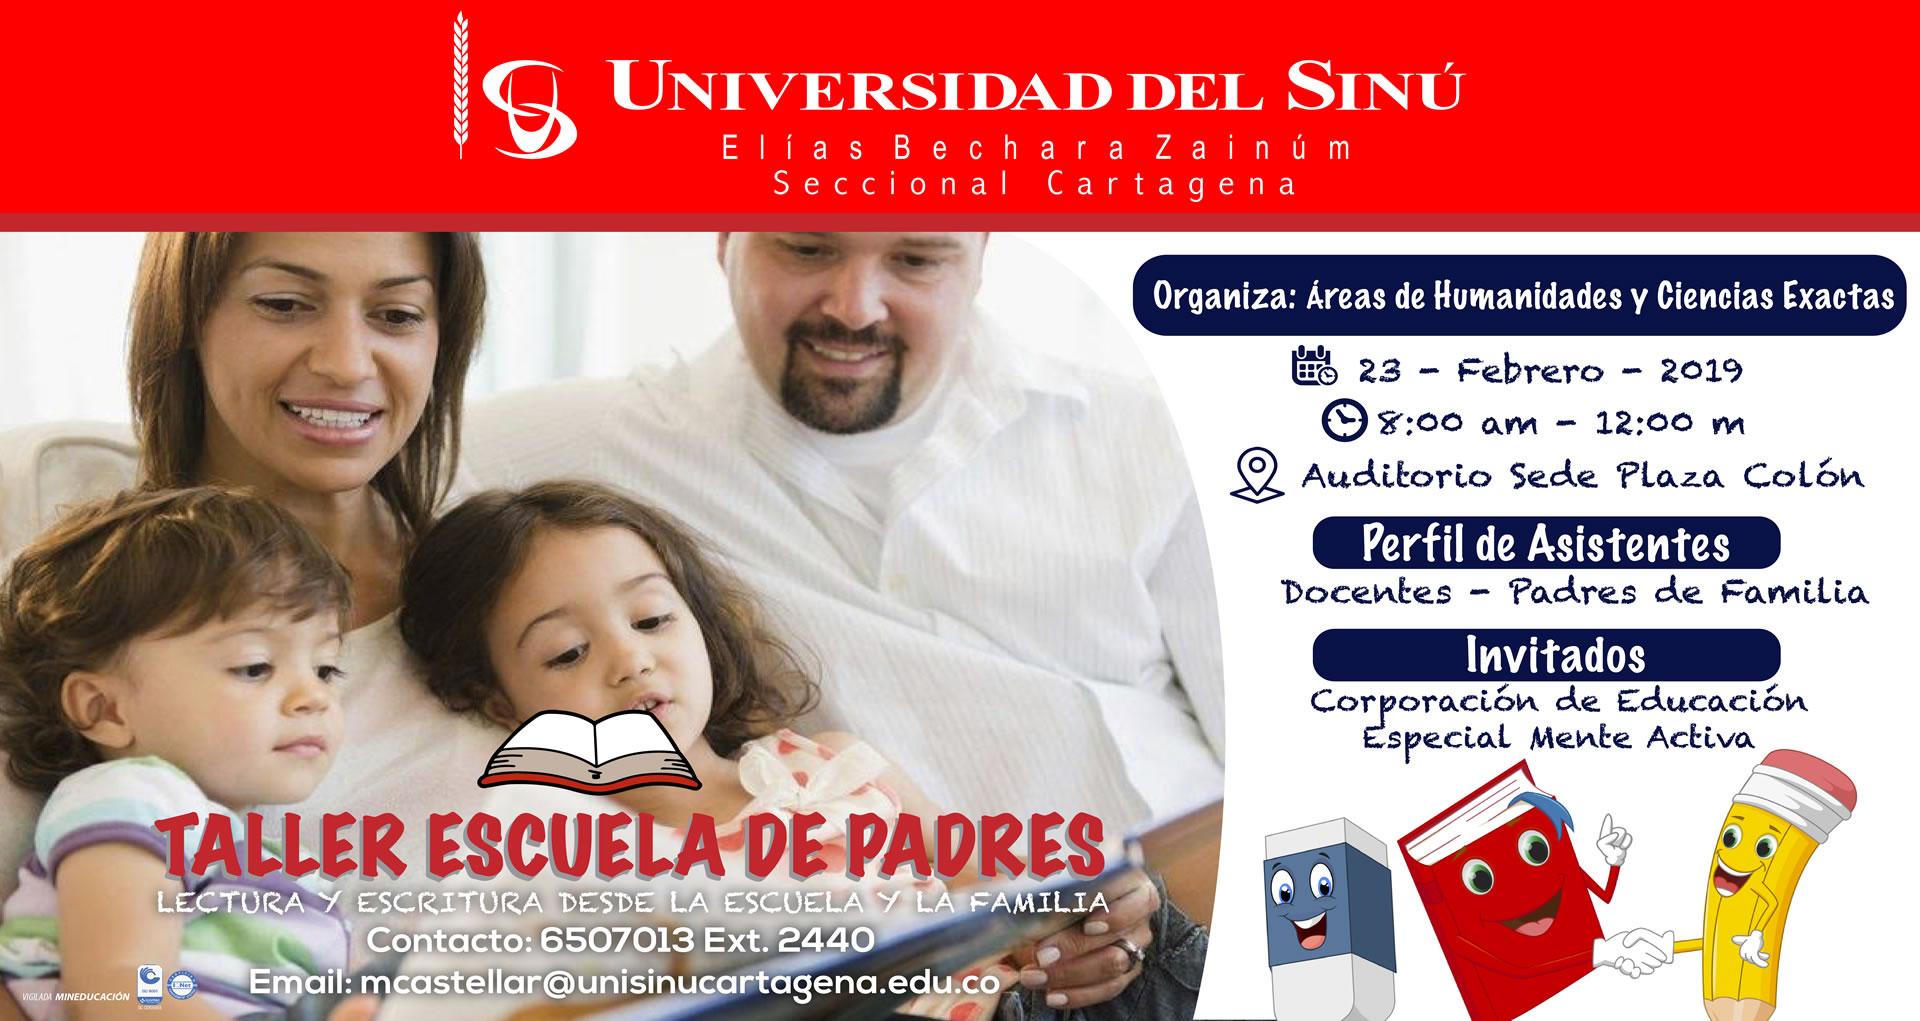 taller escuela de padres_Mesa de trabajo 1